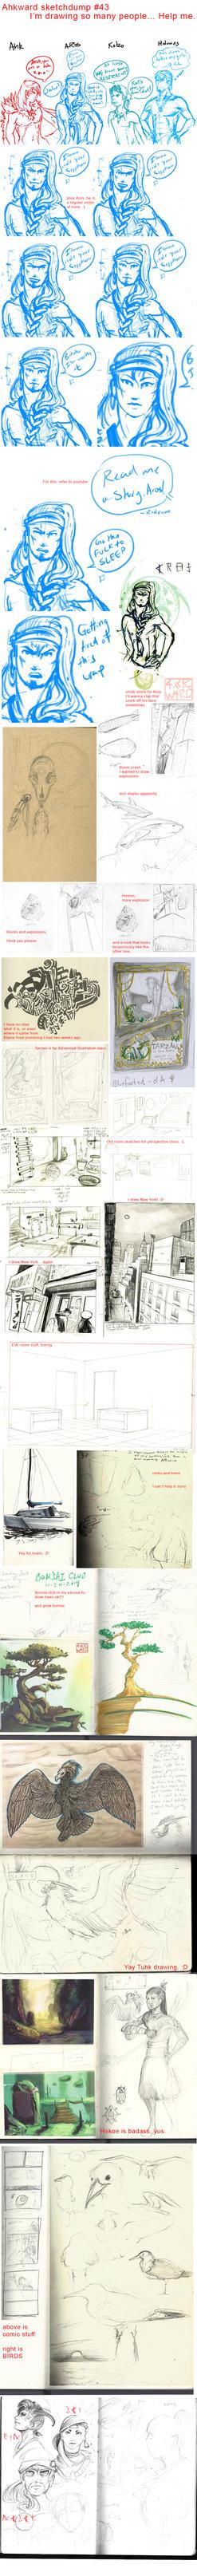 Sketchdump #43 by Ahkward